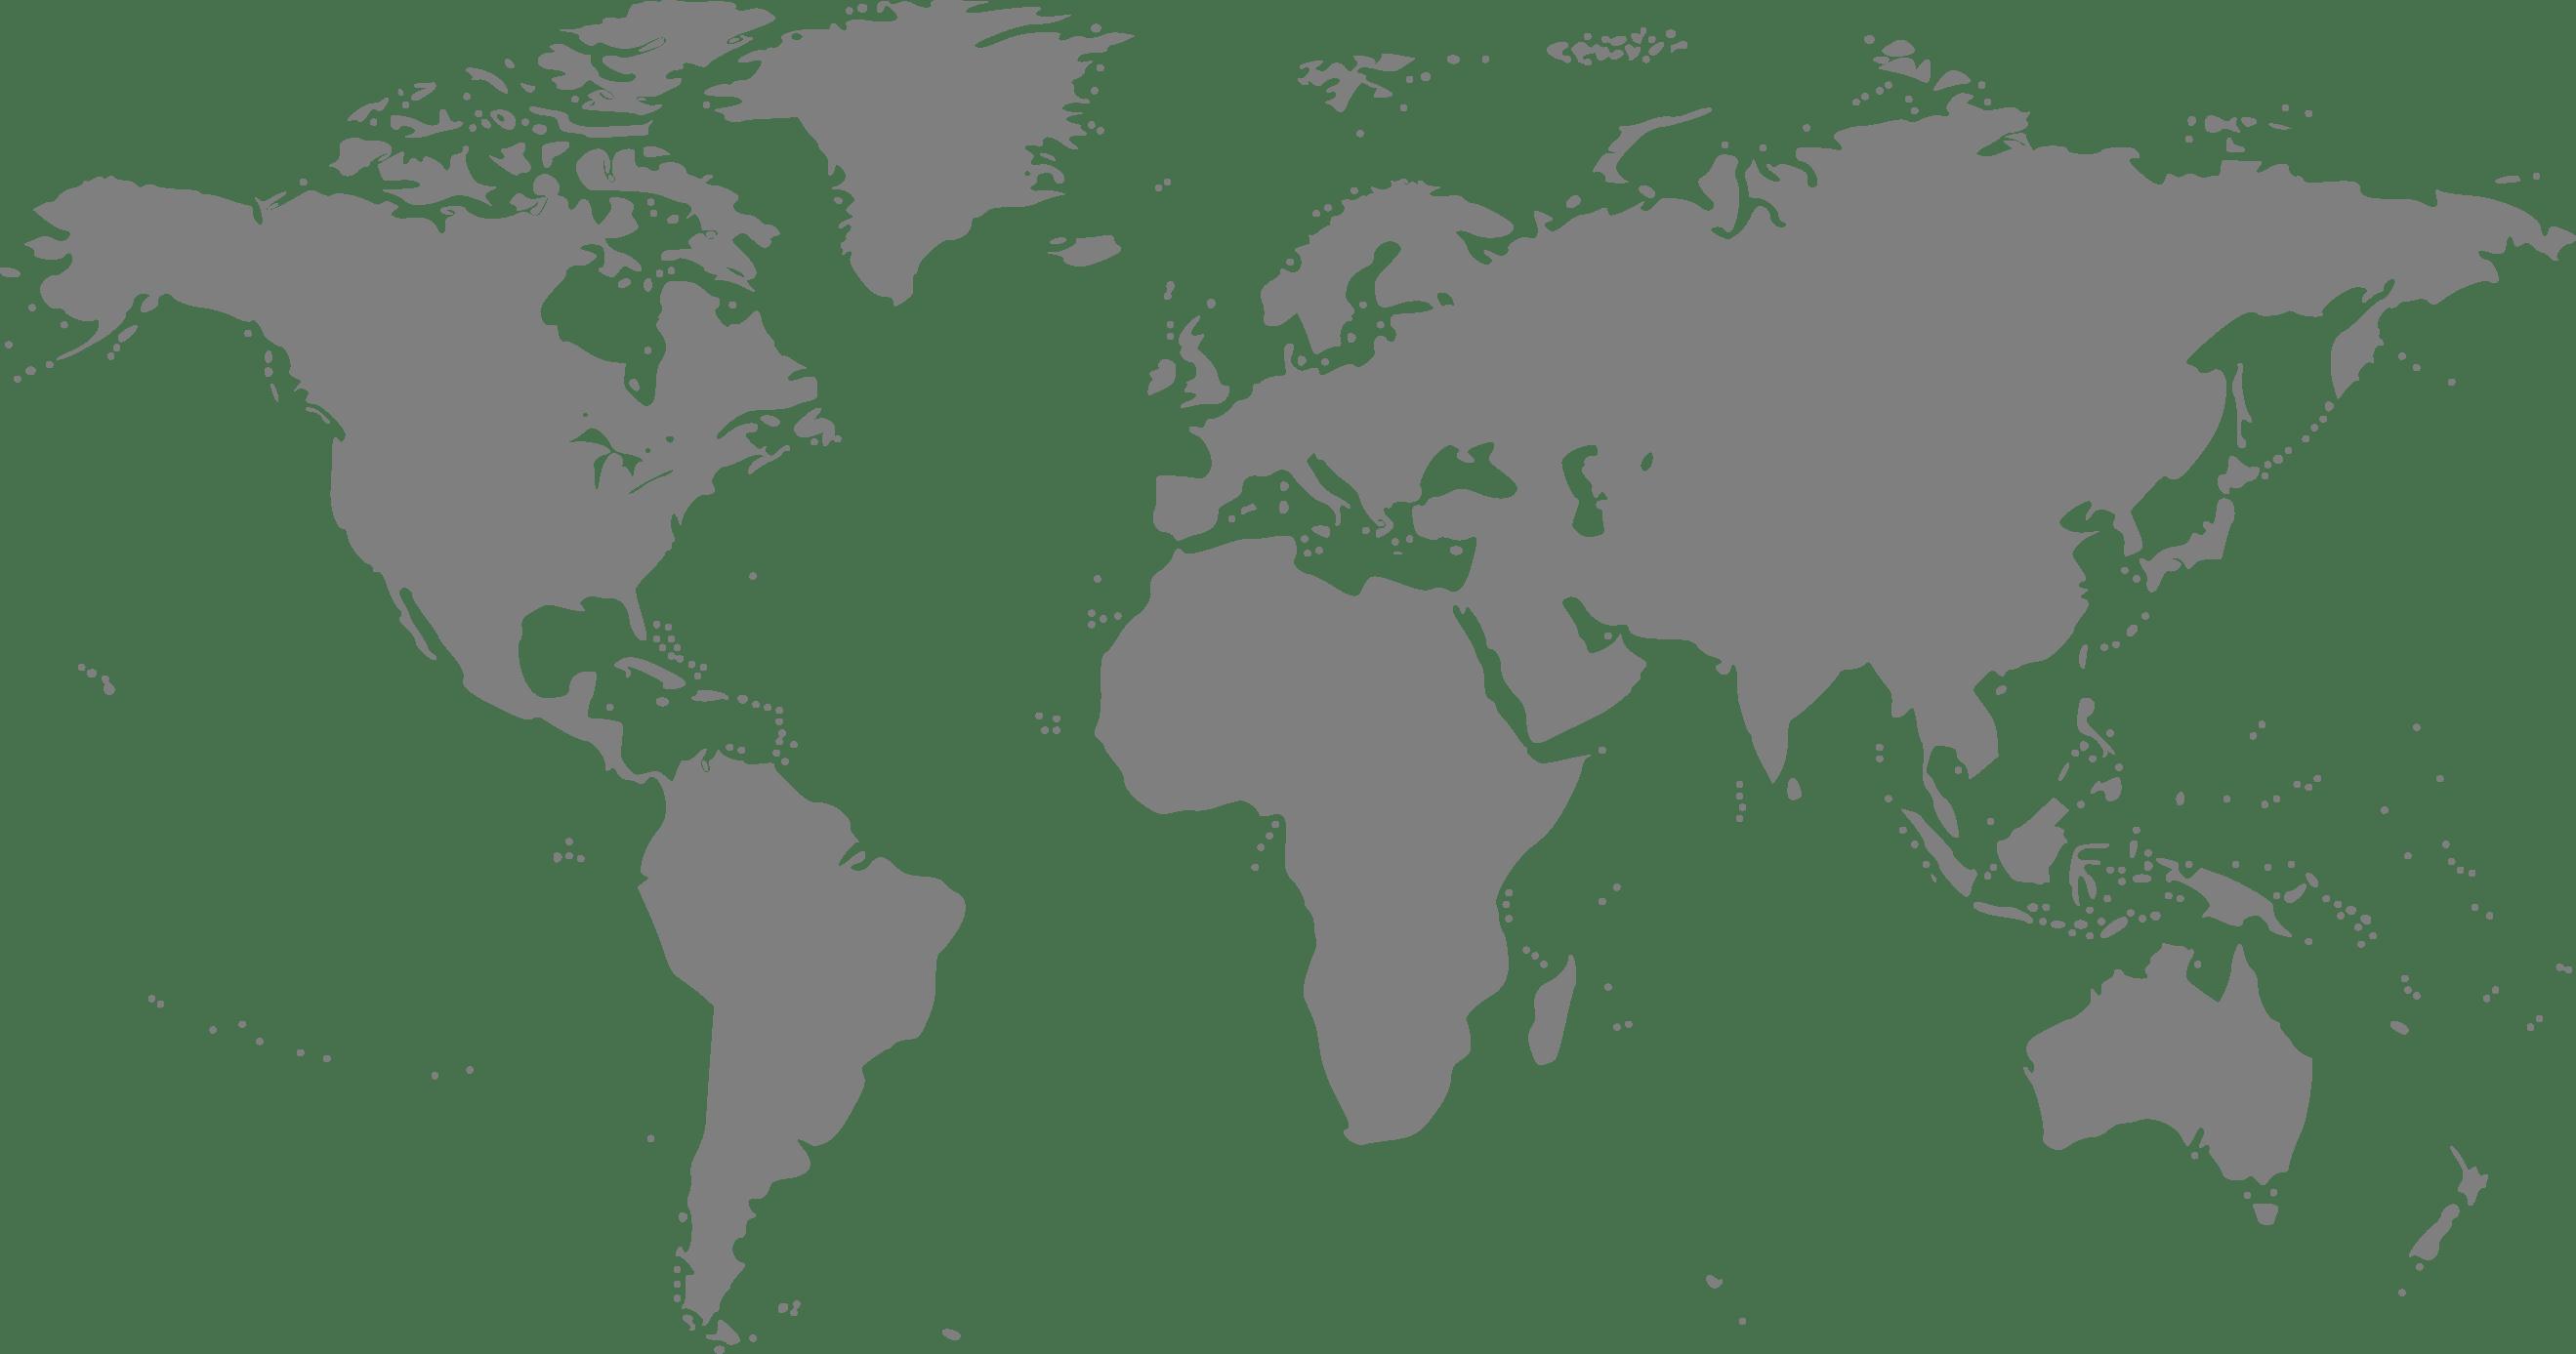 https://strefaonline.pl/sites/strefaonline.pl/files/revslider/image/world-map-1.png